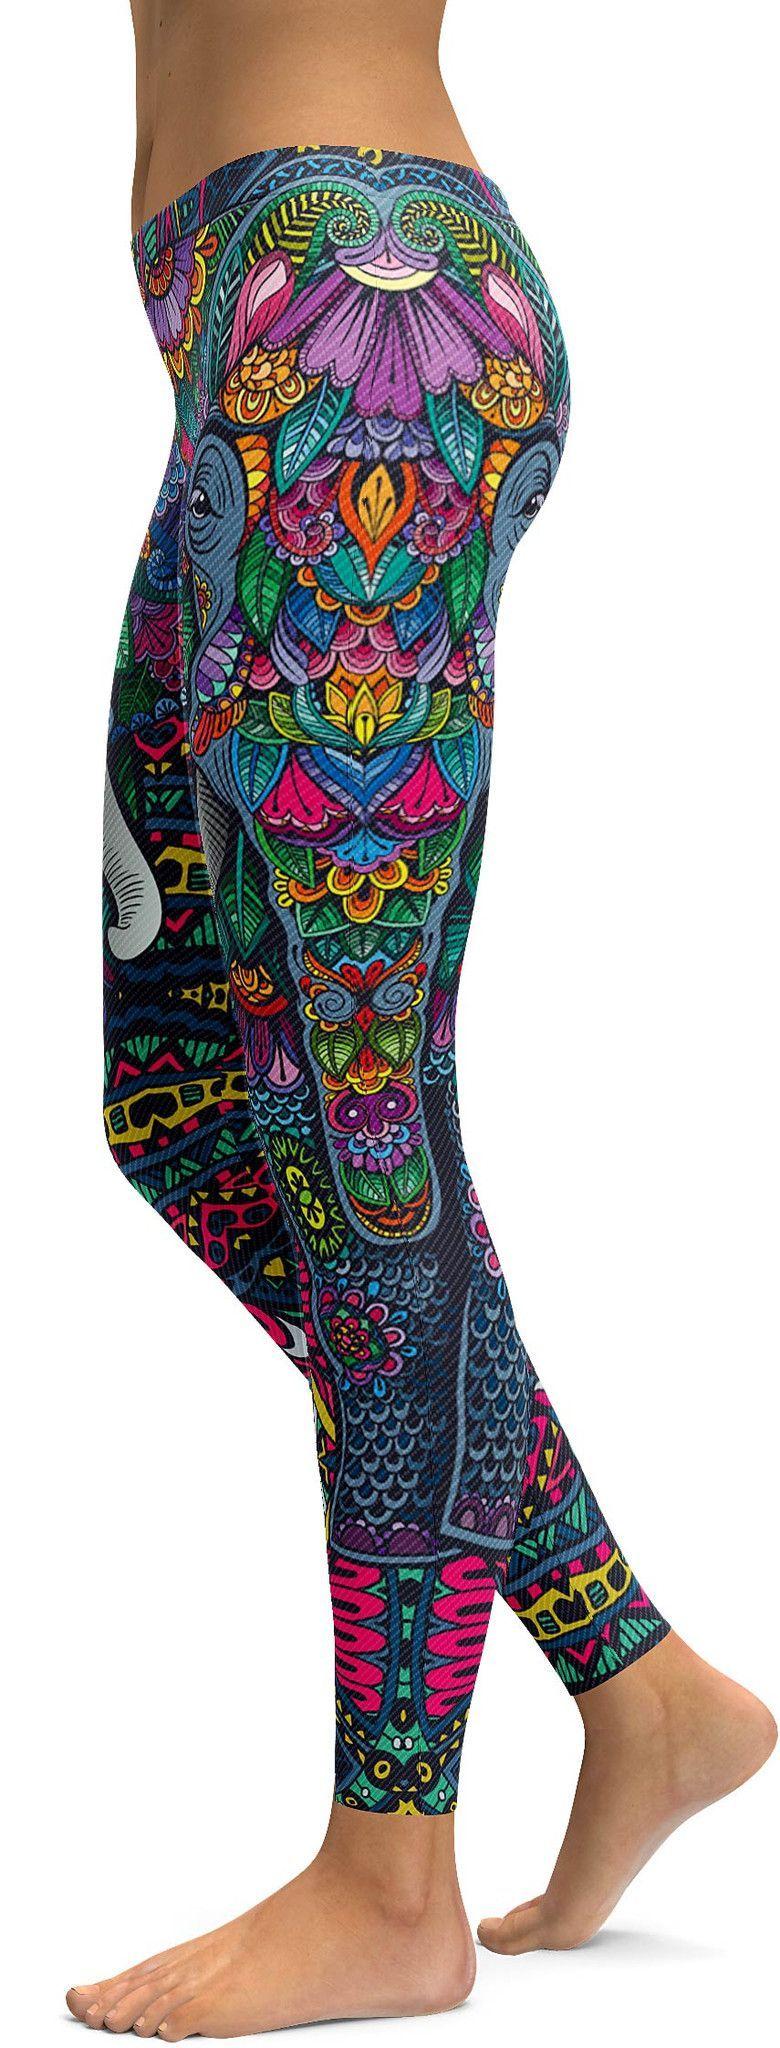 Colorful Elephant Leggings Ropa Para Gimnasio 0a73e3eafaf1